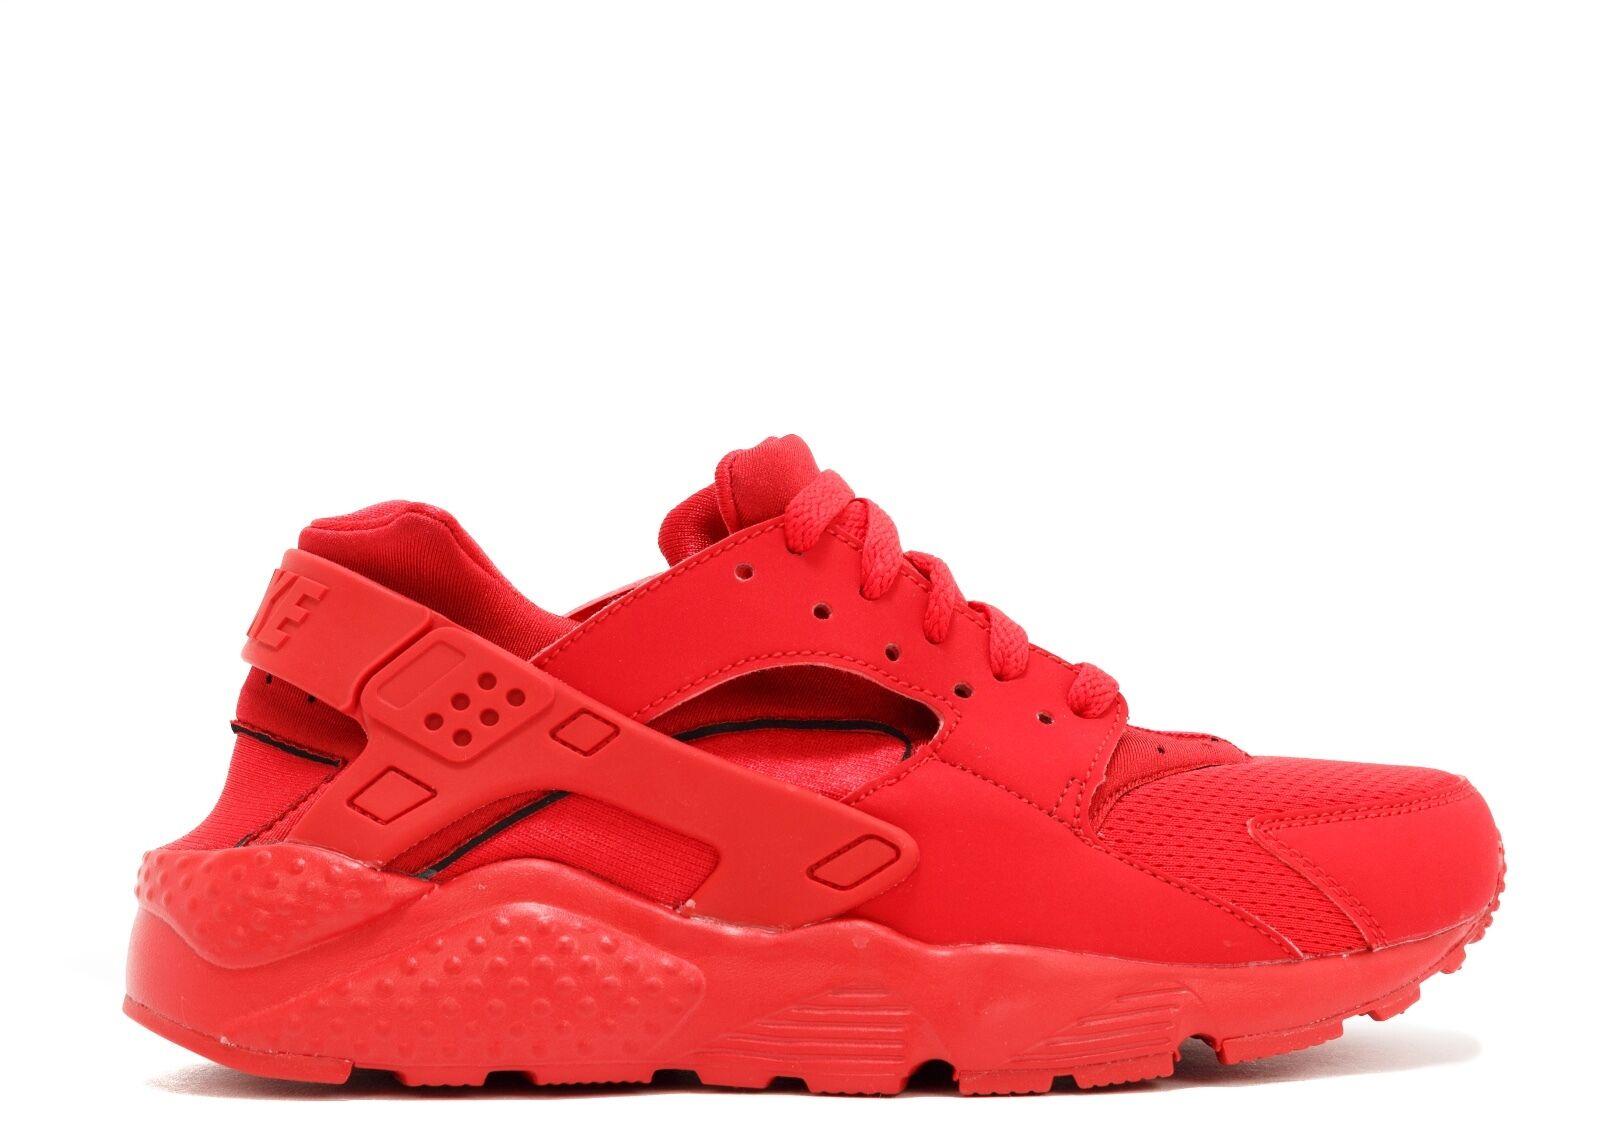 Nike air air air huarache tief rot foamposite uptempo weiße gs jungen kinder vapormax 1 5c3198